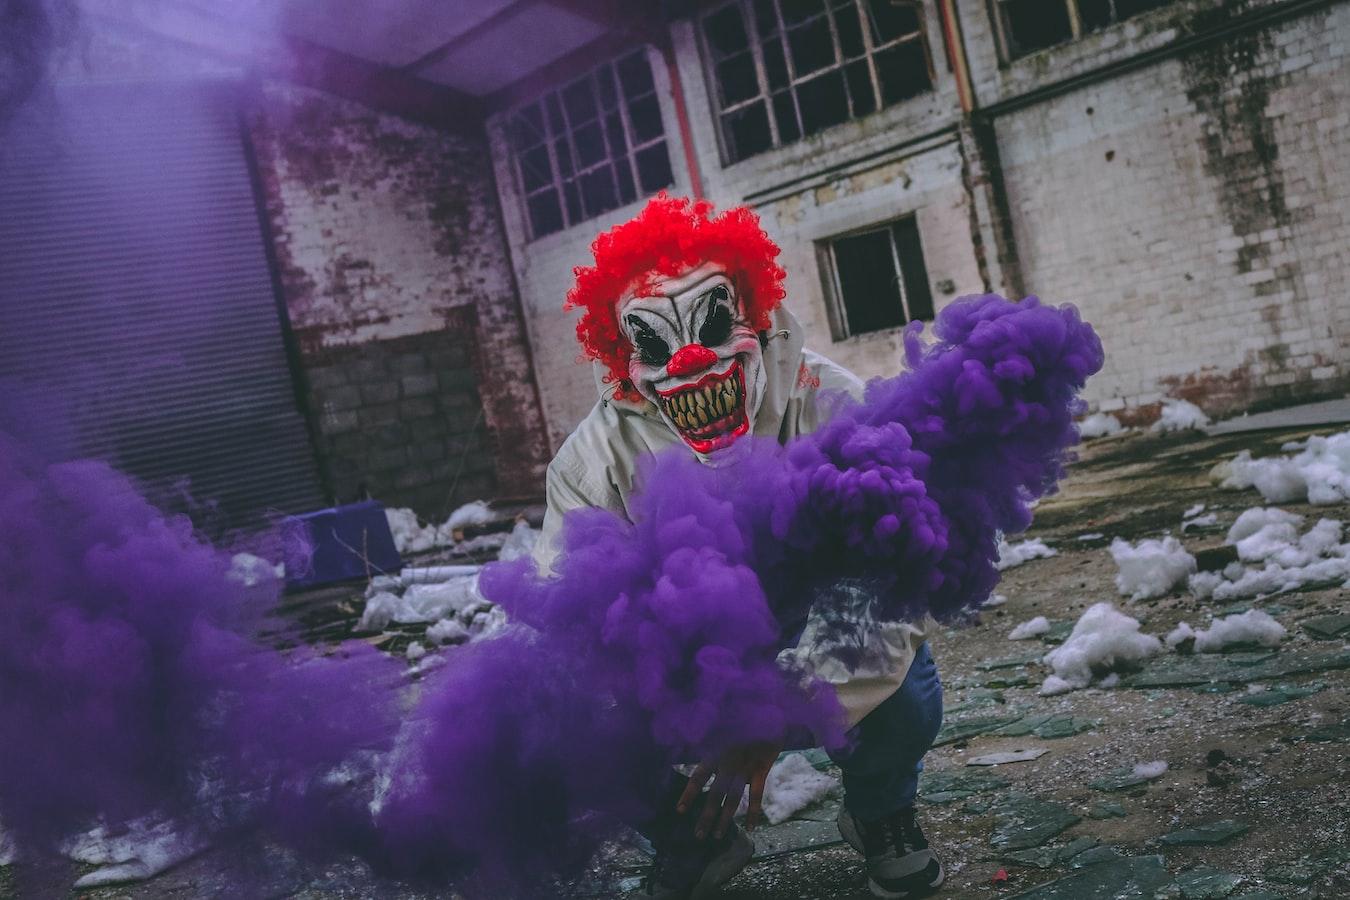 Člověk v masce děsivého klauna s fialovým kouřem z dýmovnice.